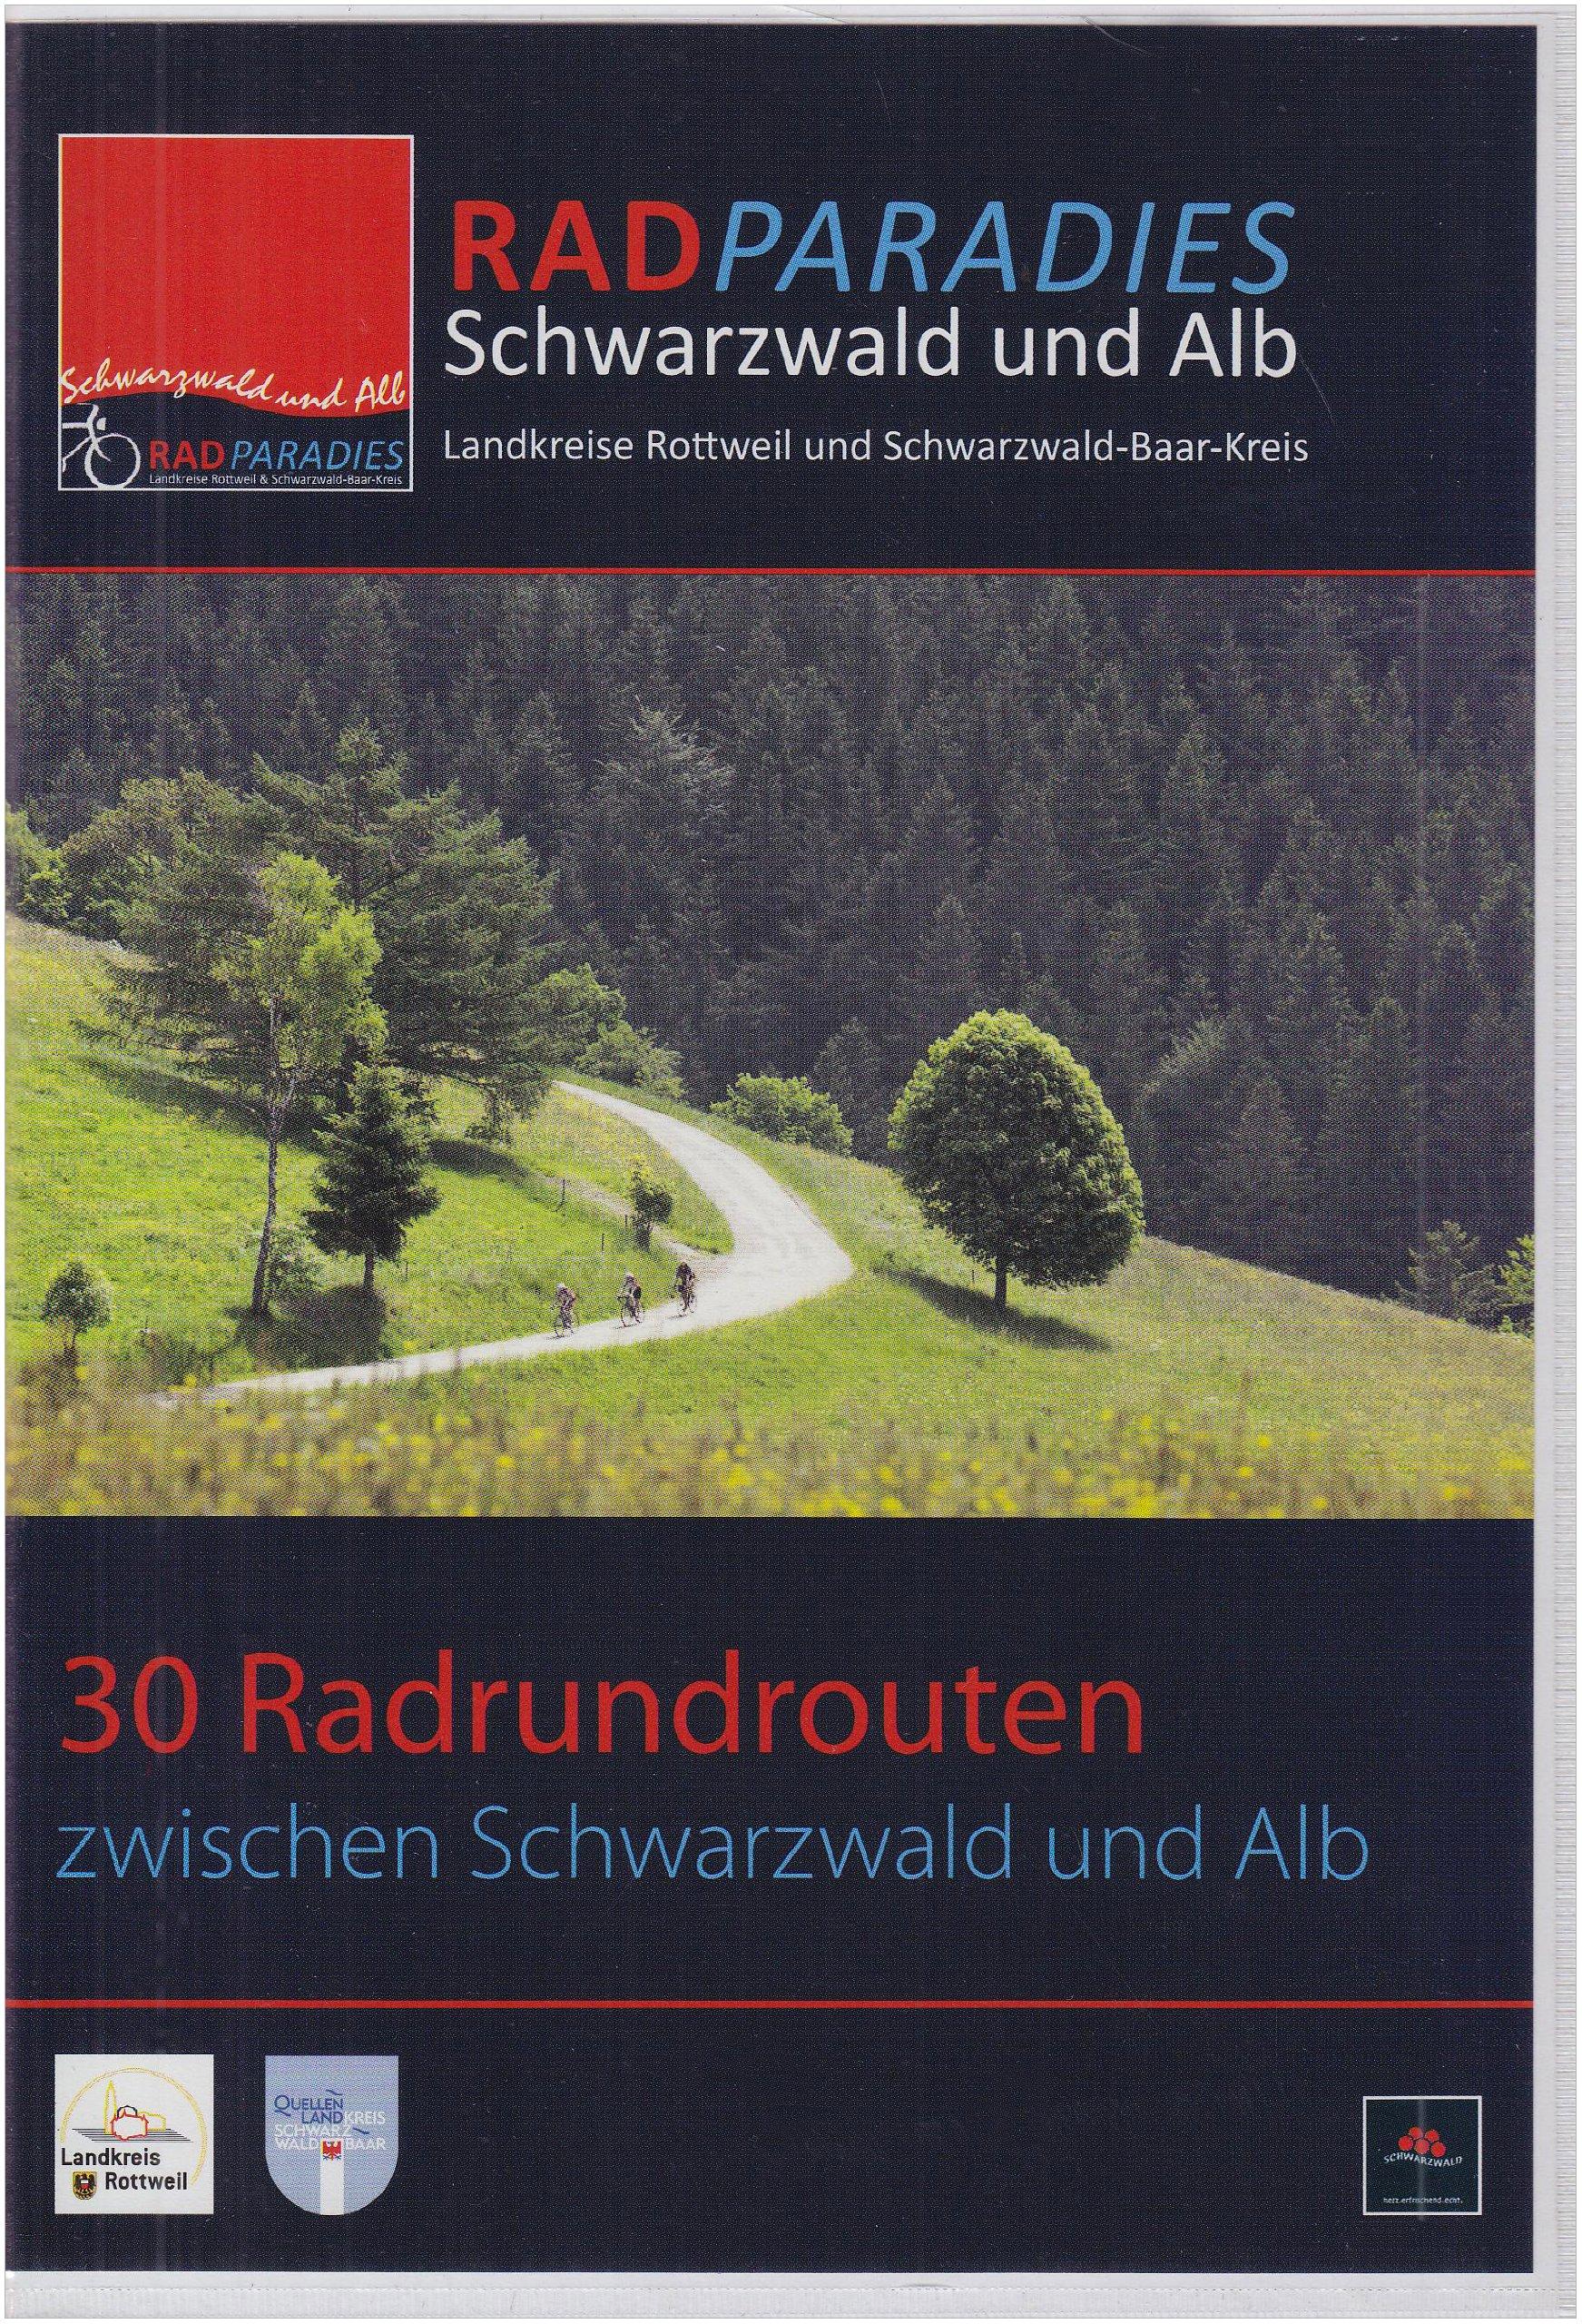 RadParadies Schwarzwald und Alb: 30 Radrundrouten zwischen Schwarzwald und Alb